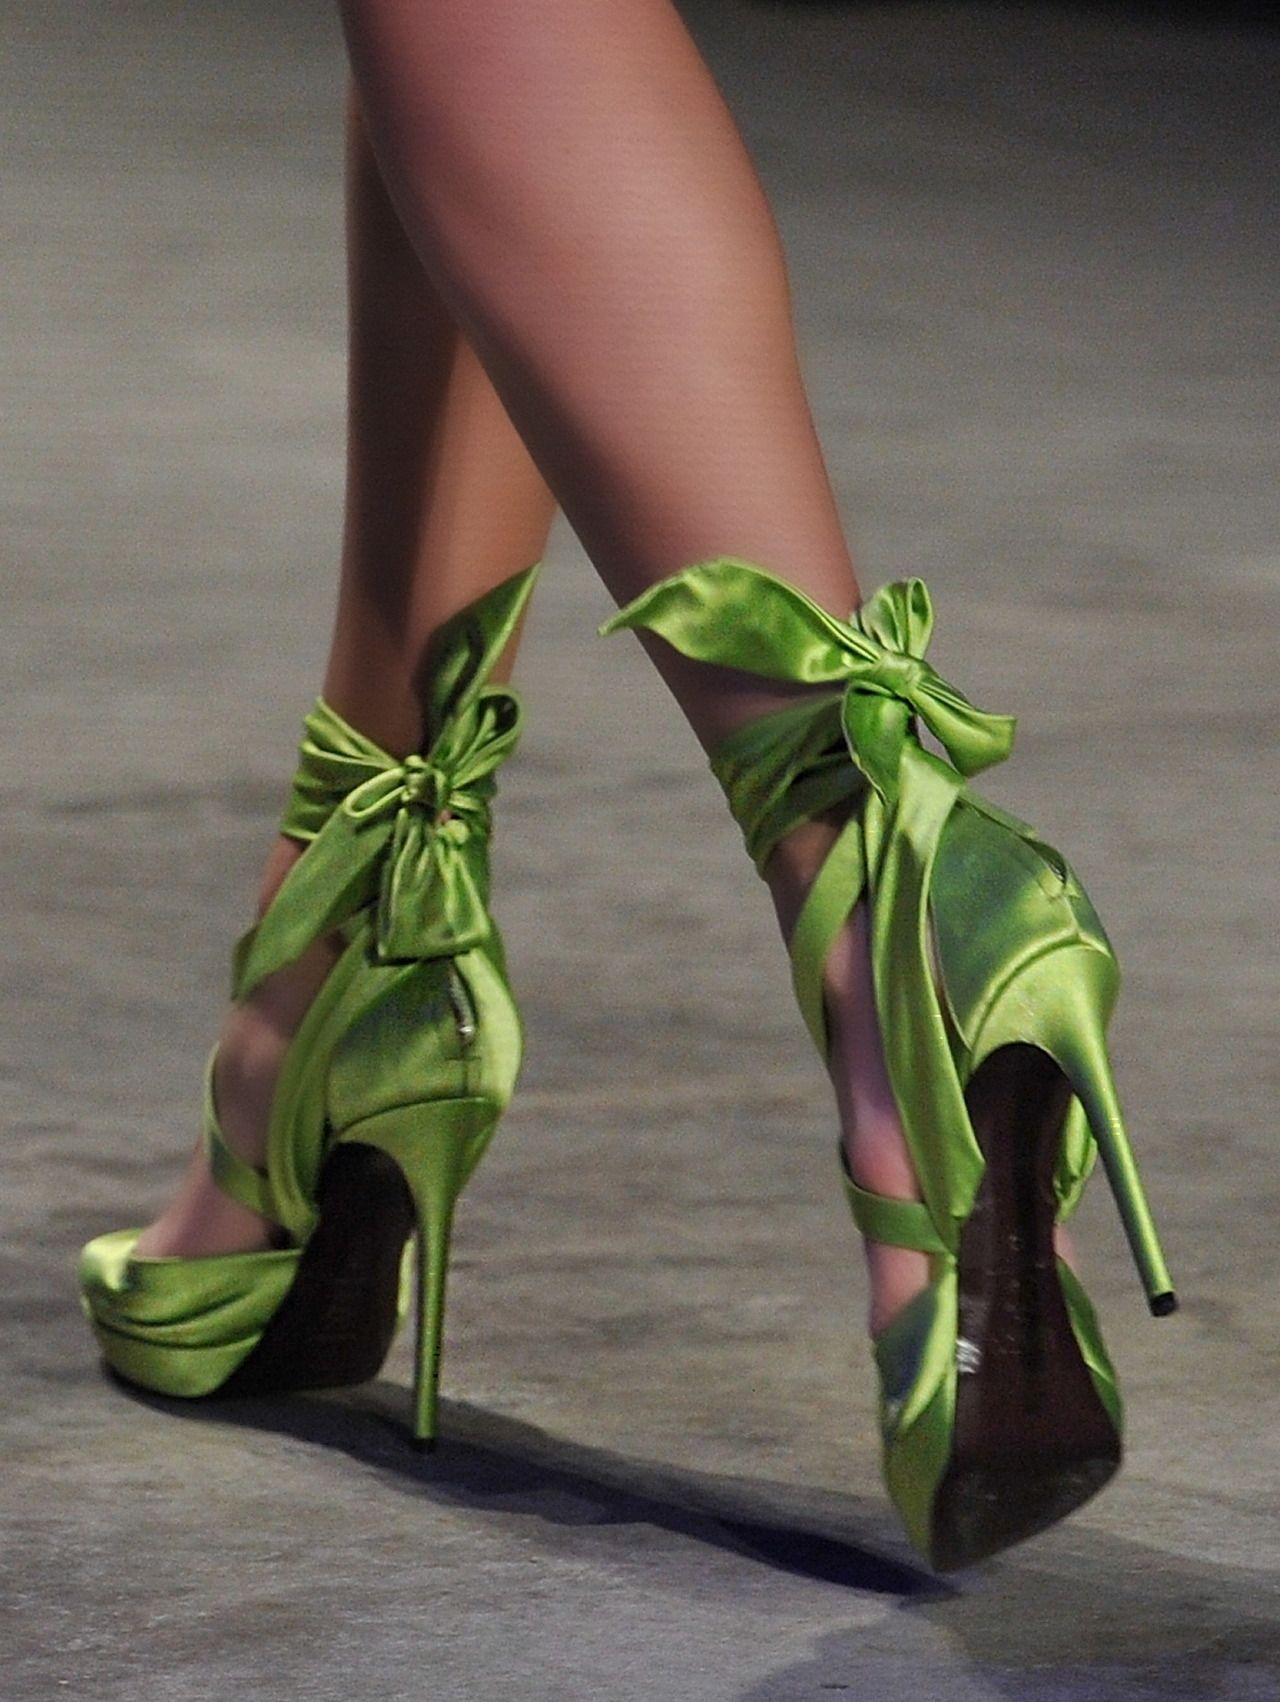 Pin by Kathya on * ` rita j. skeeter . Heels, High heel